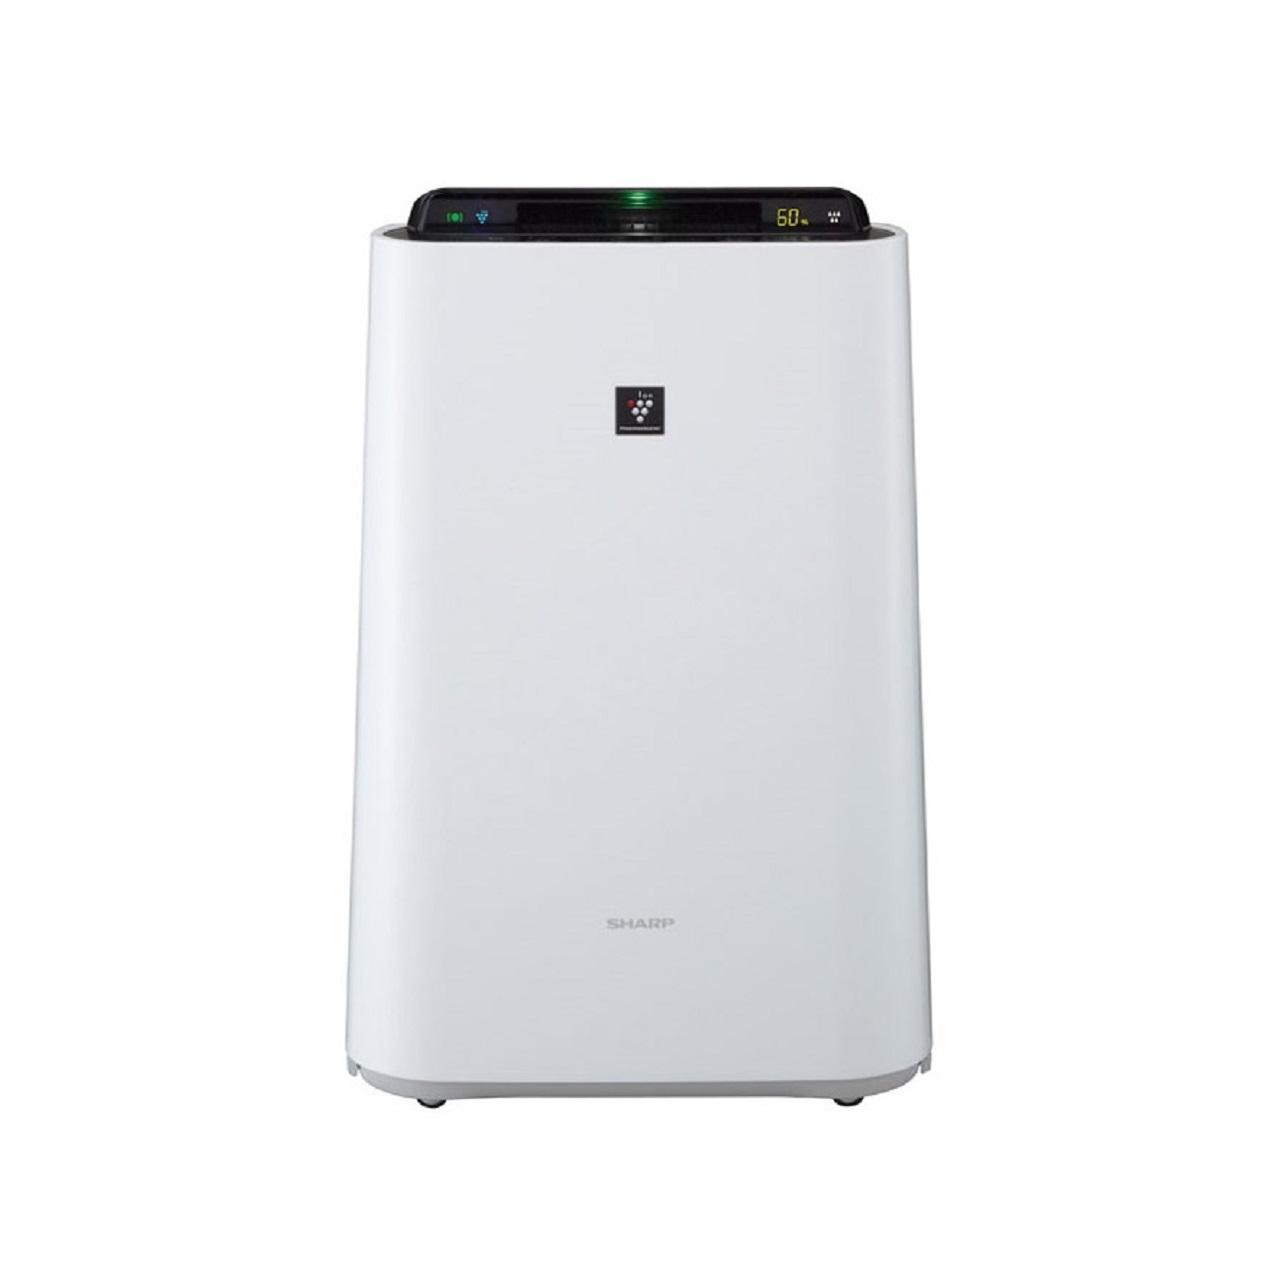 シャープKC-D50加湿空気清浄機